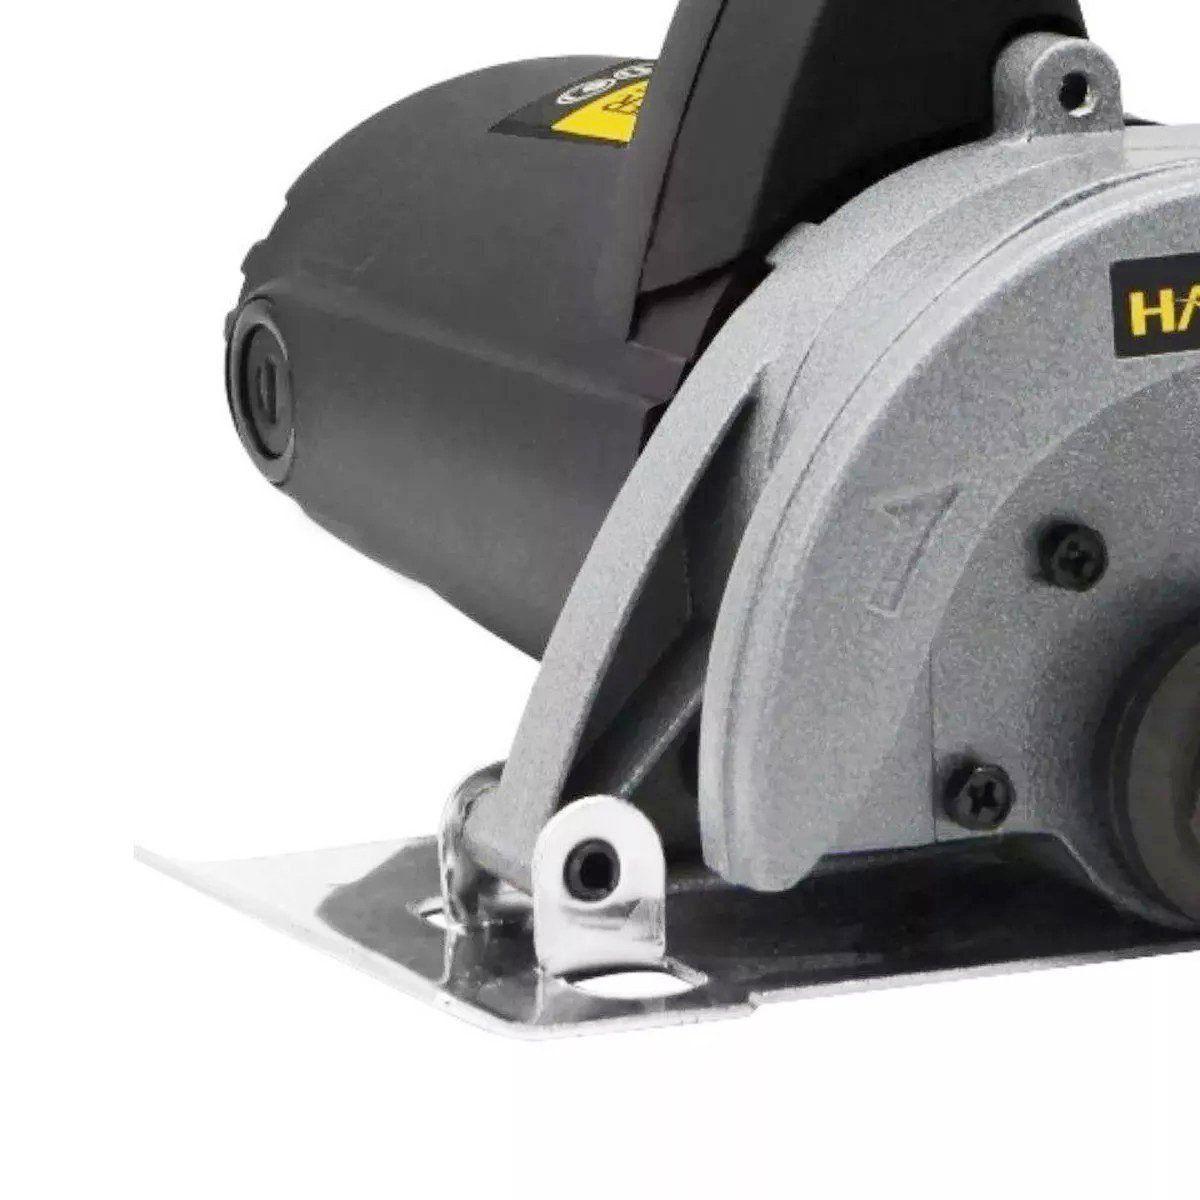 Serra Circular Hammer 100% Rolamentada 1100w Sc1100 - 110v  - EMPORIO K